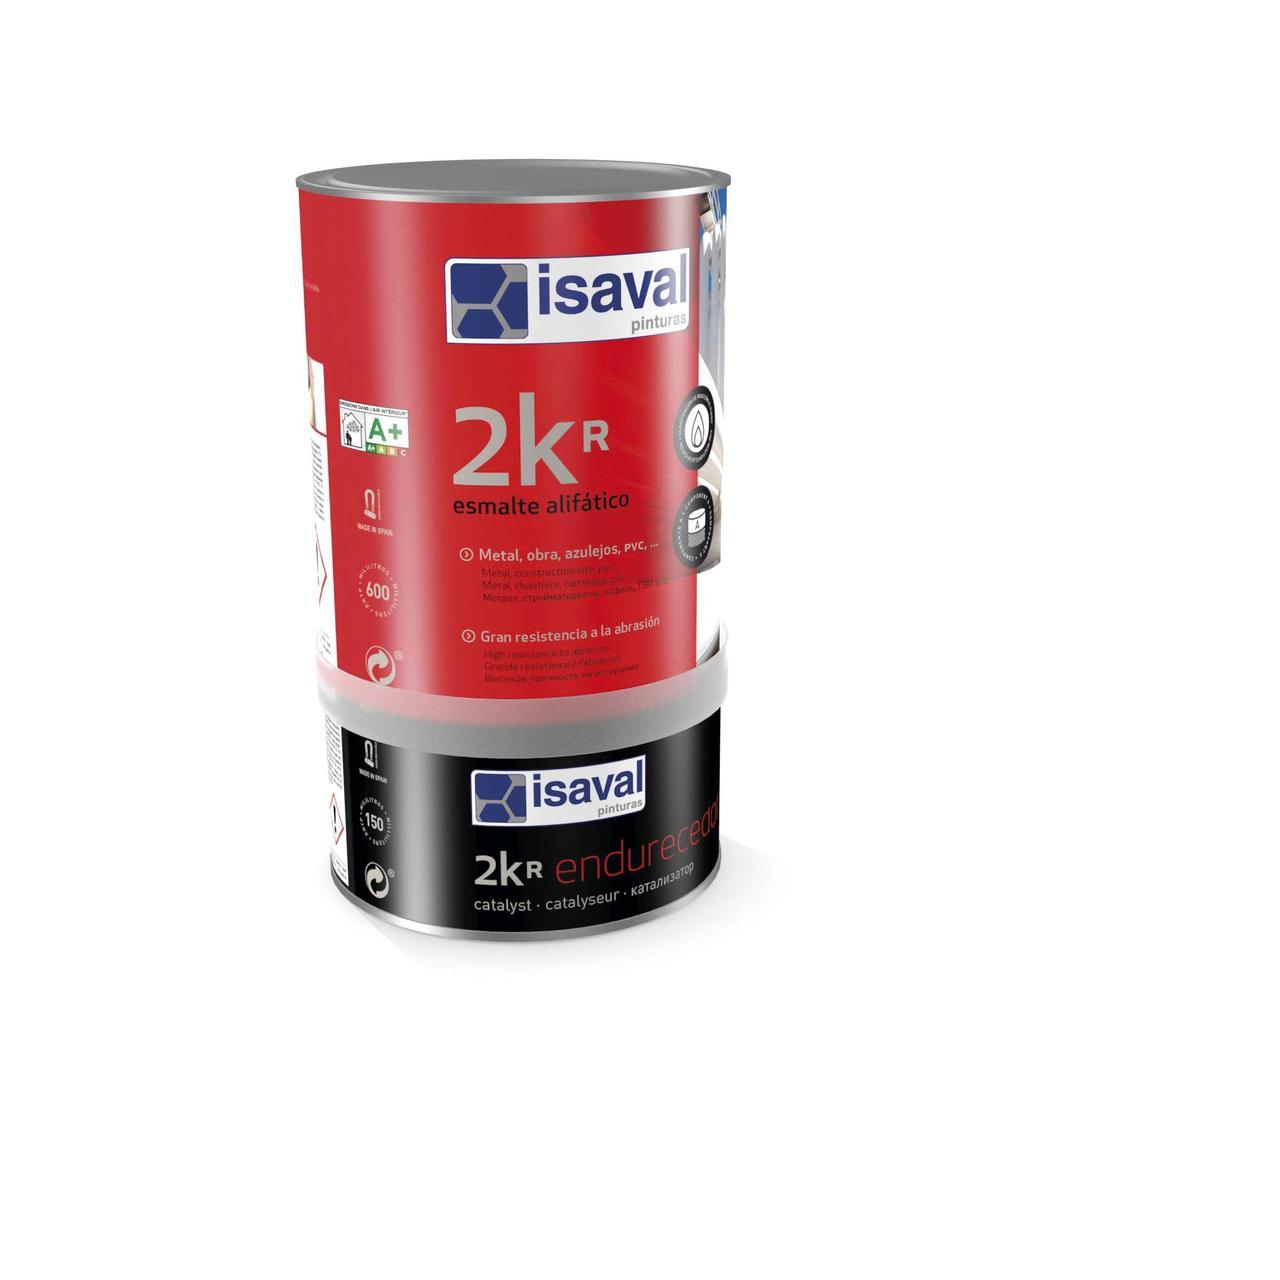 Фарба поліуретанова двокомпонентна для резервуарів і басейнів 2КР ISAVAL 4л до 40м2